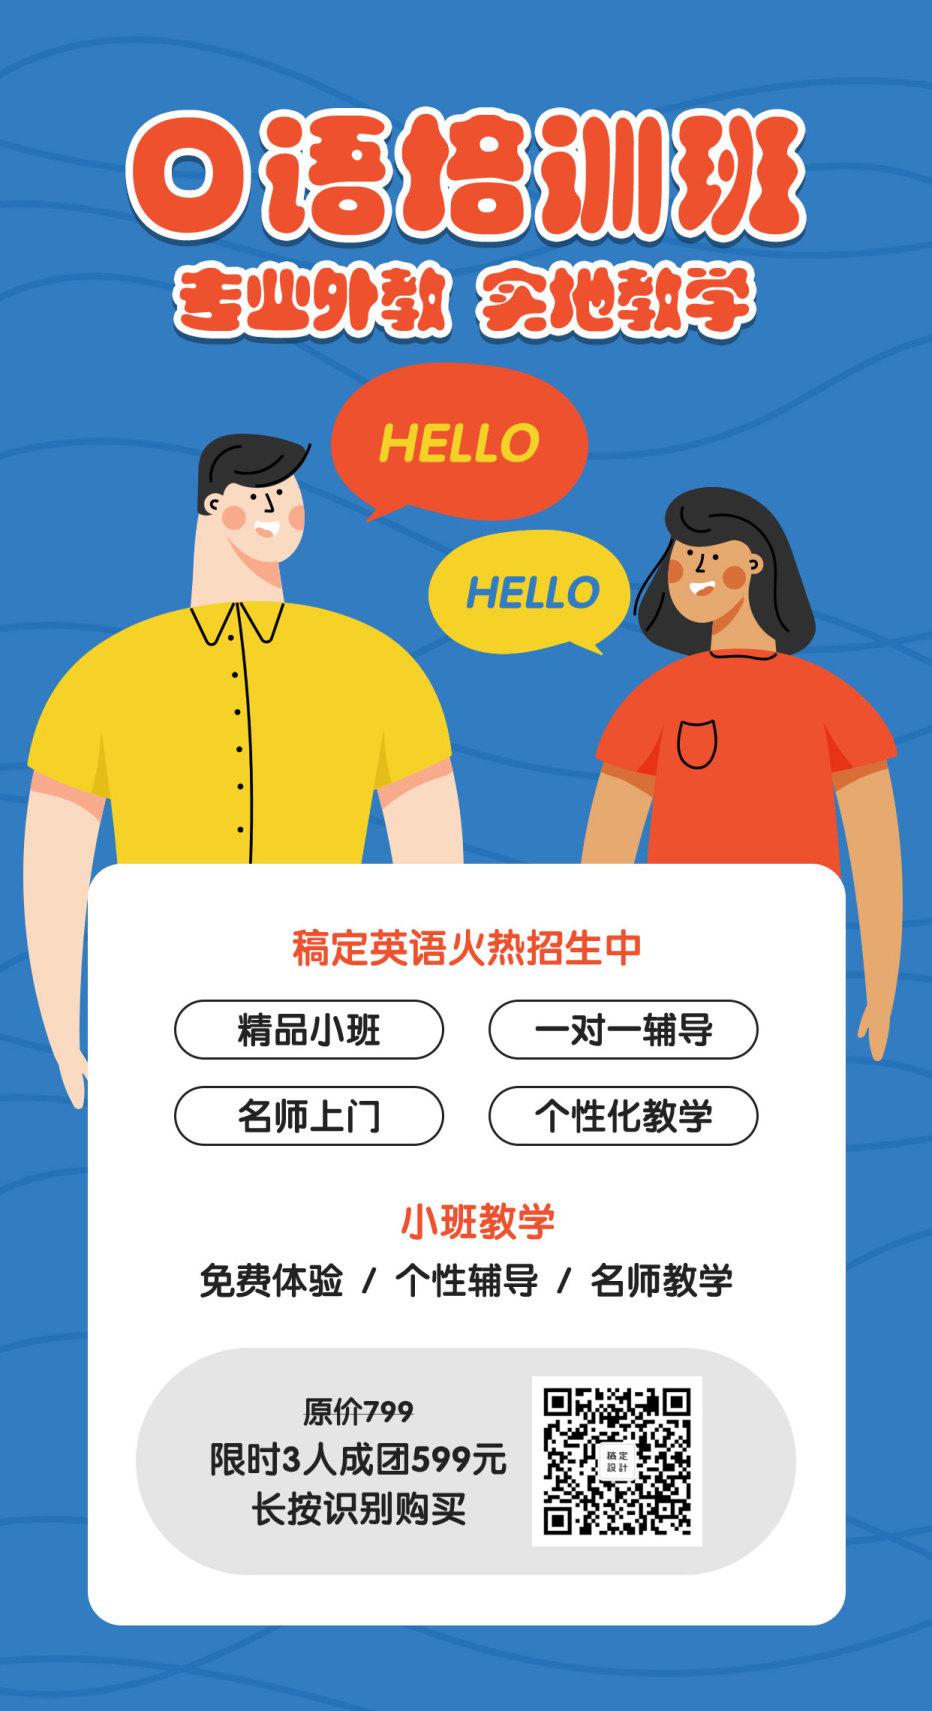 口语培训班课程手机海报